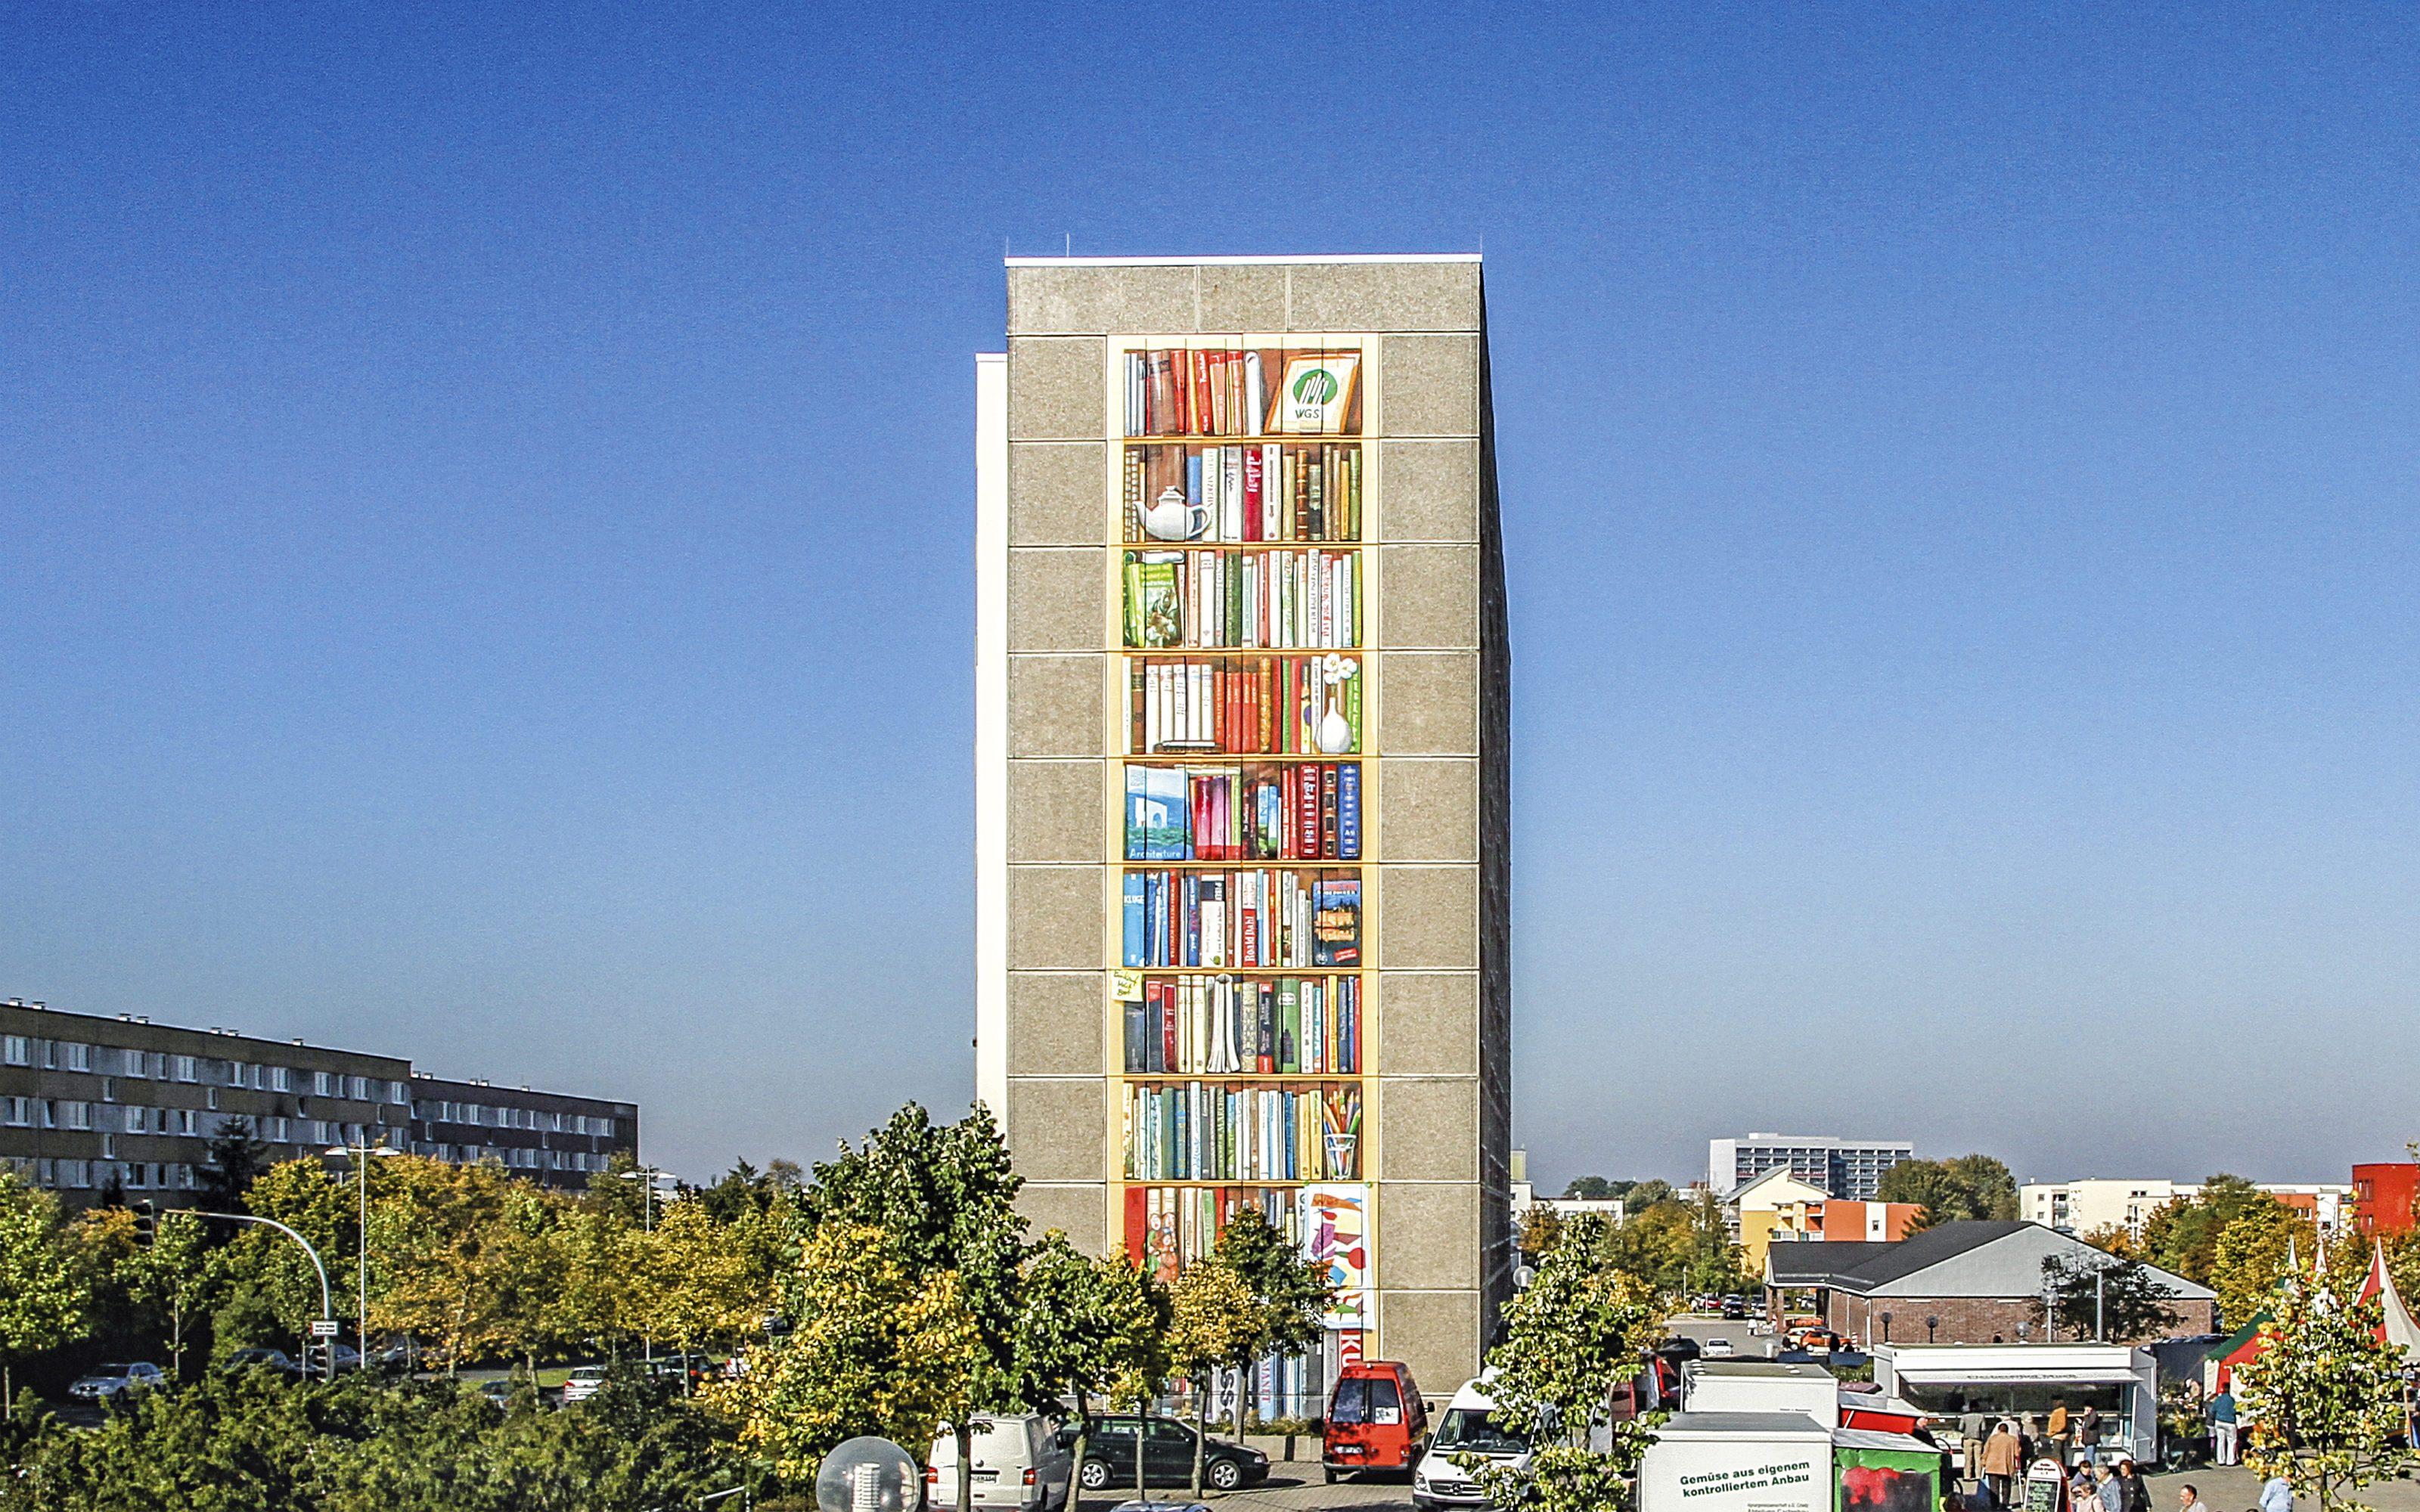 GRACO-Schwerin-Buchregal-Giebelgestaltung